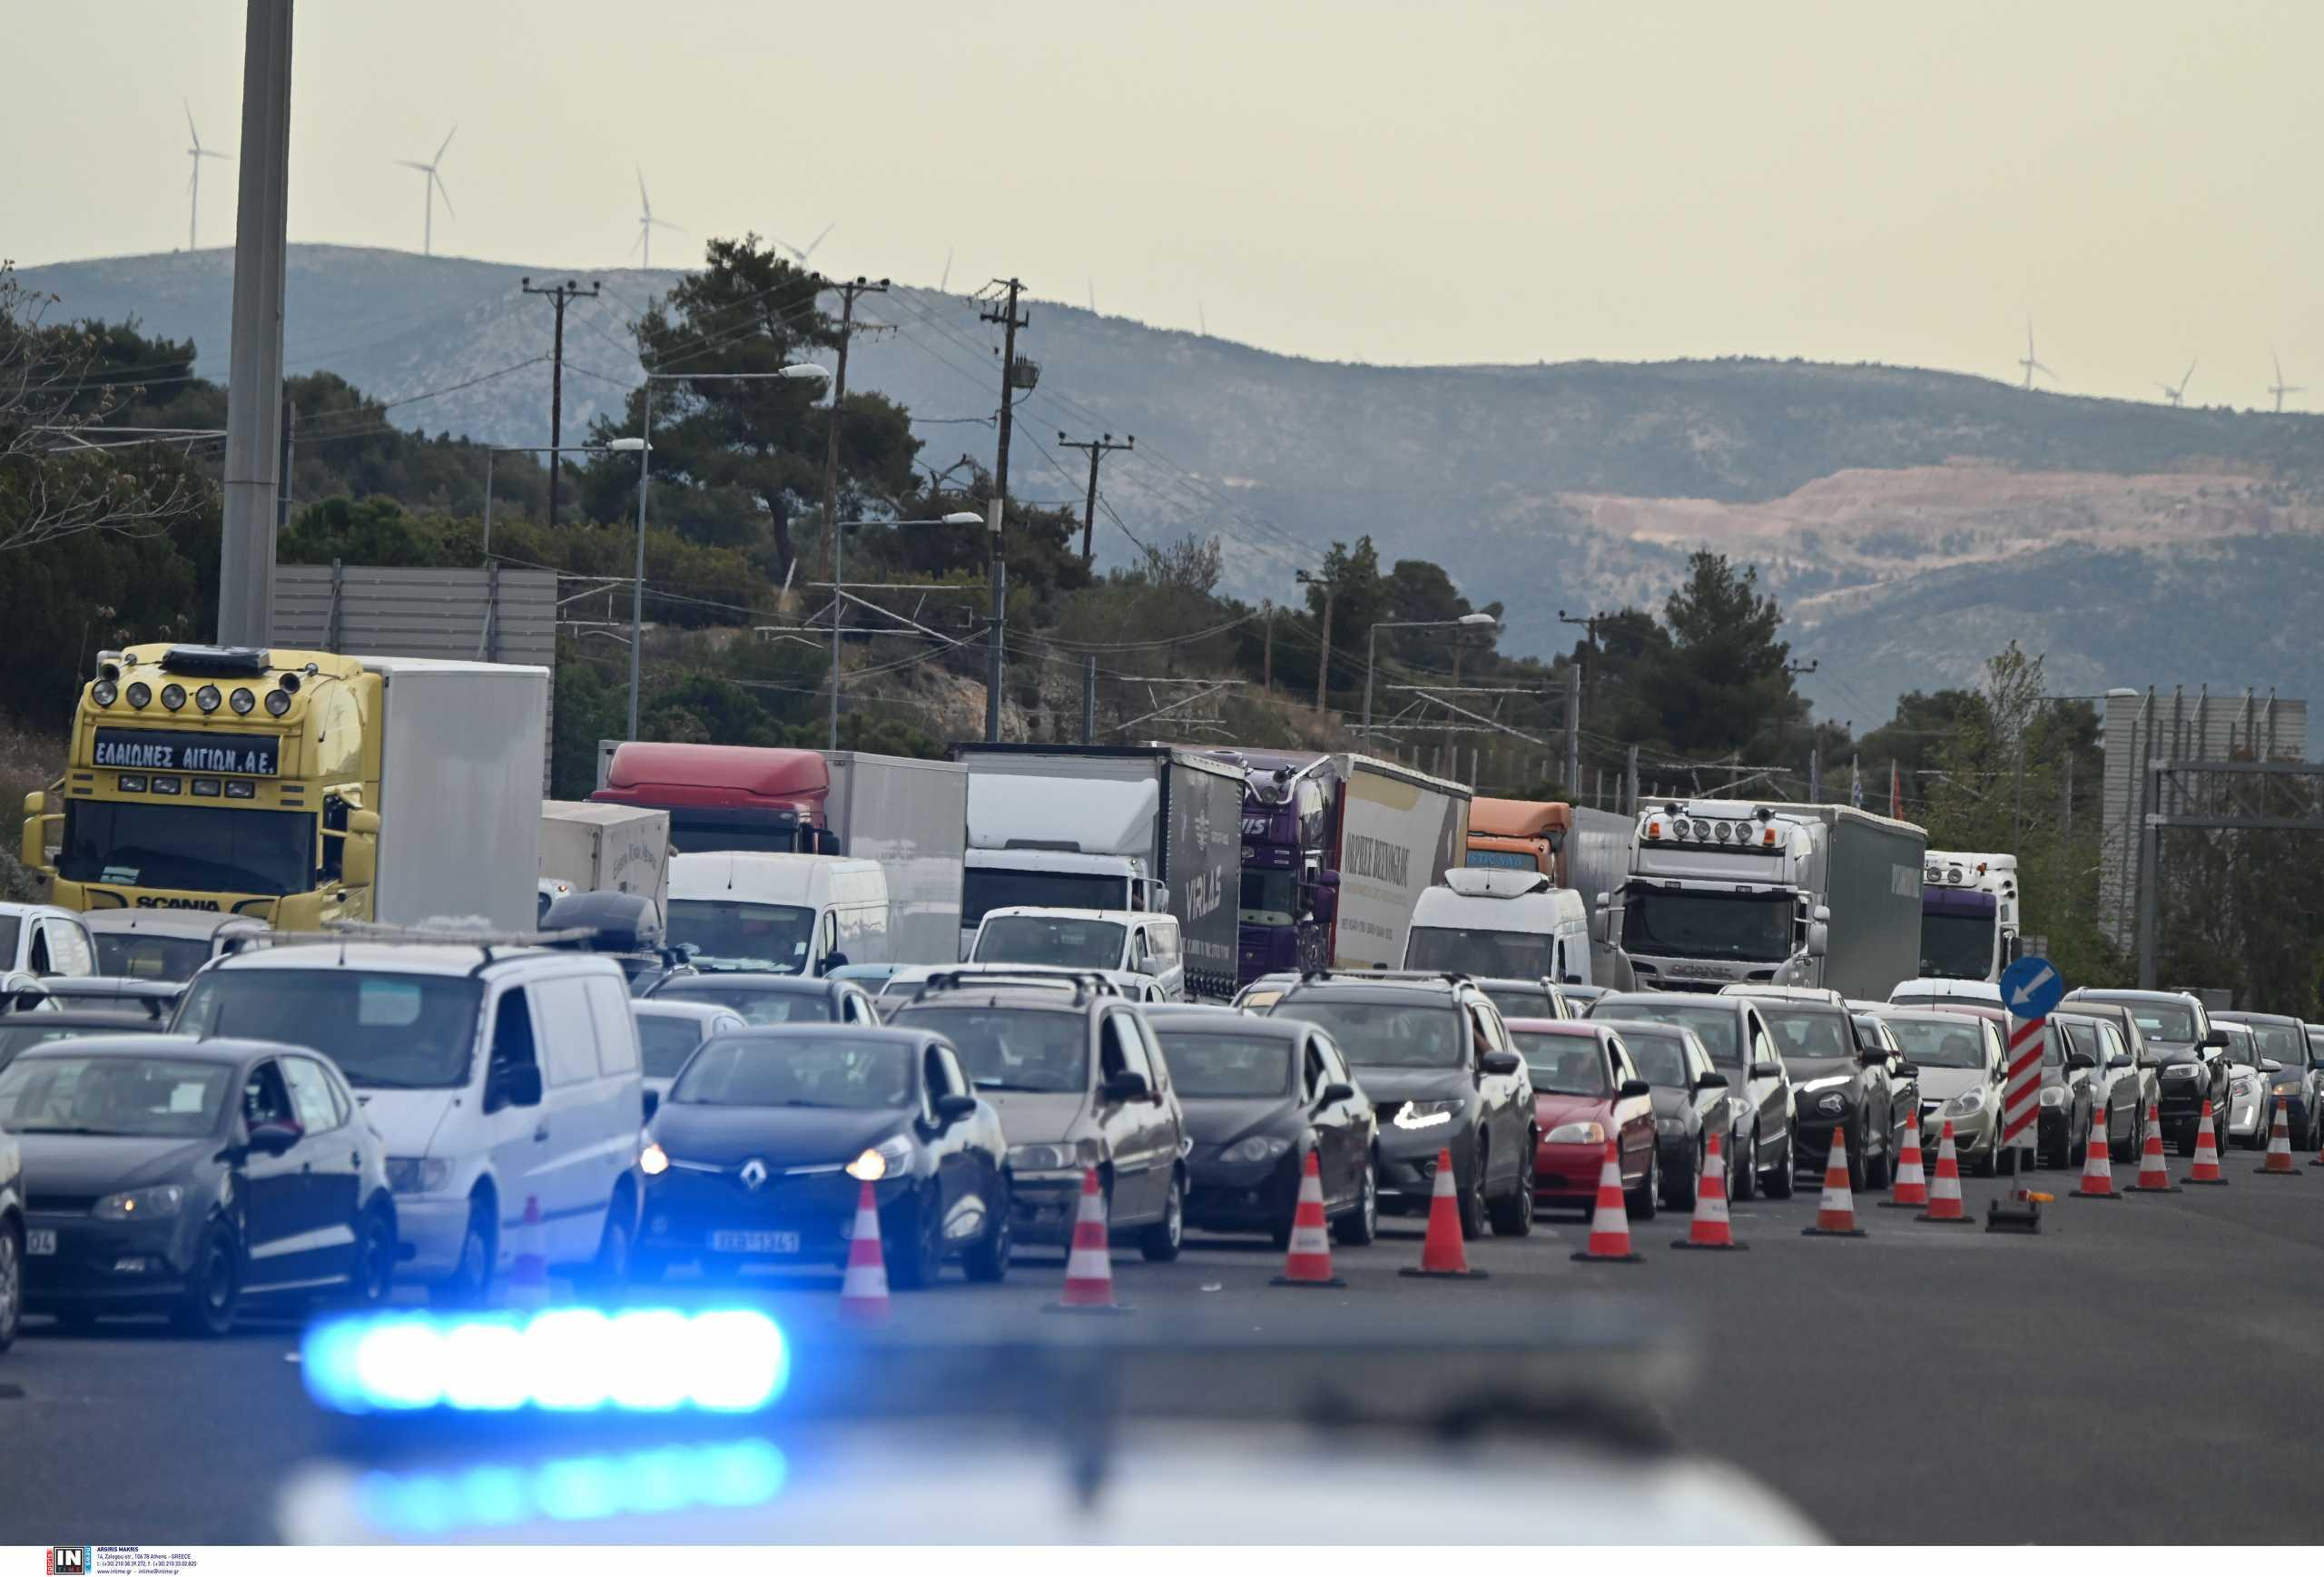 Εντατικοί έλεγχοι στα διόδια των Nέων Μαλγάρων – Οκτώ επιστροφές οδηγών μέχρι στιγμής